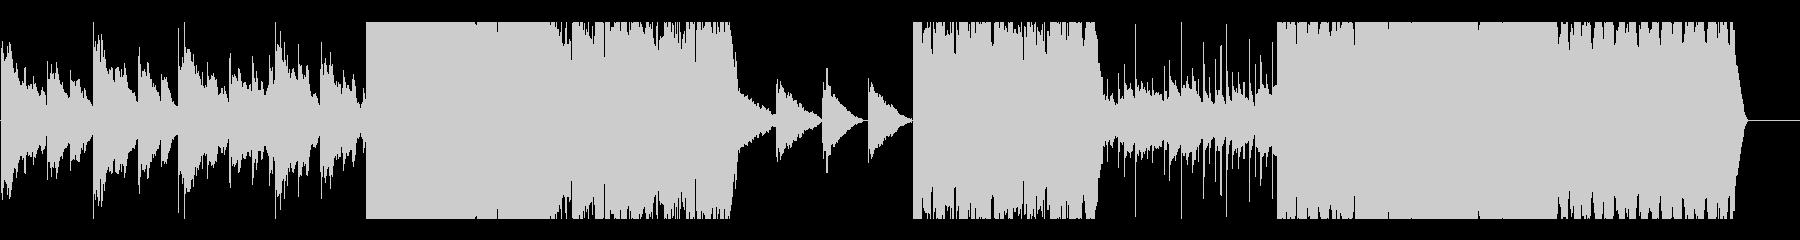 キレイめストリングスのBGMの未再生の波形